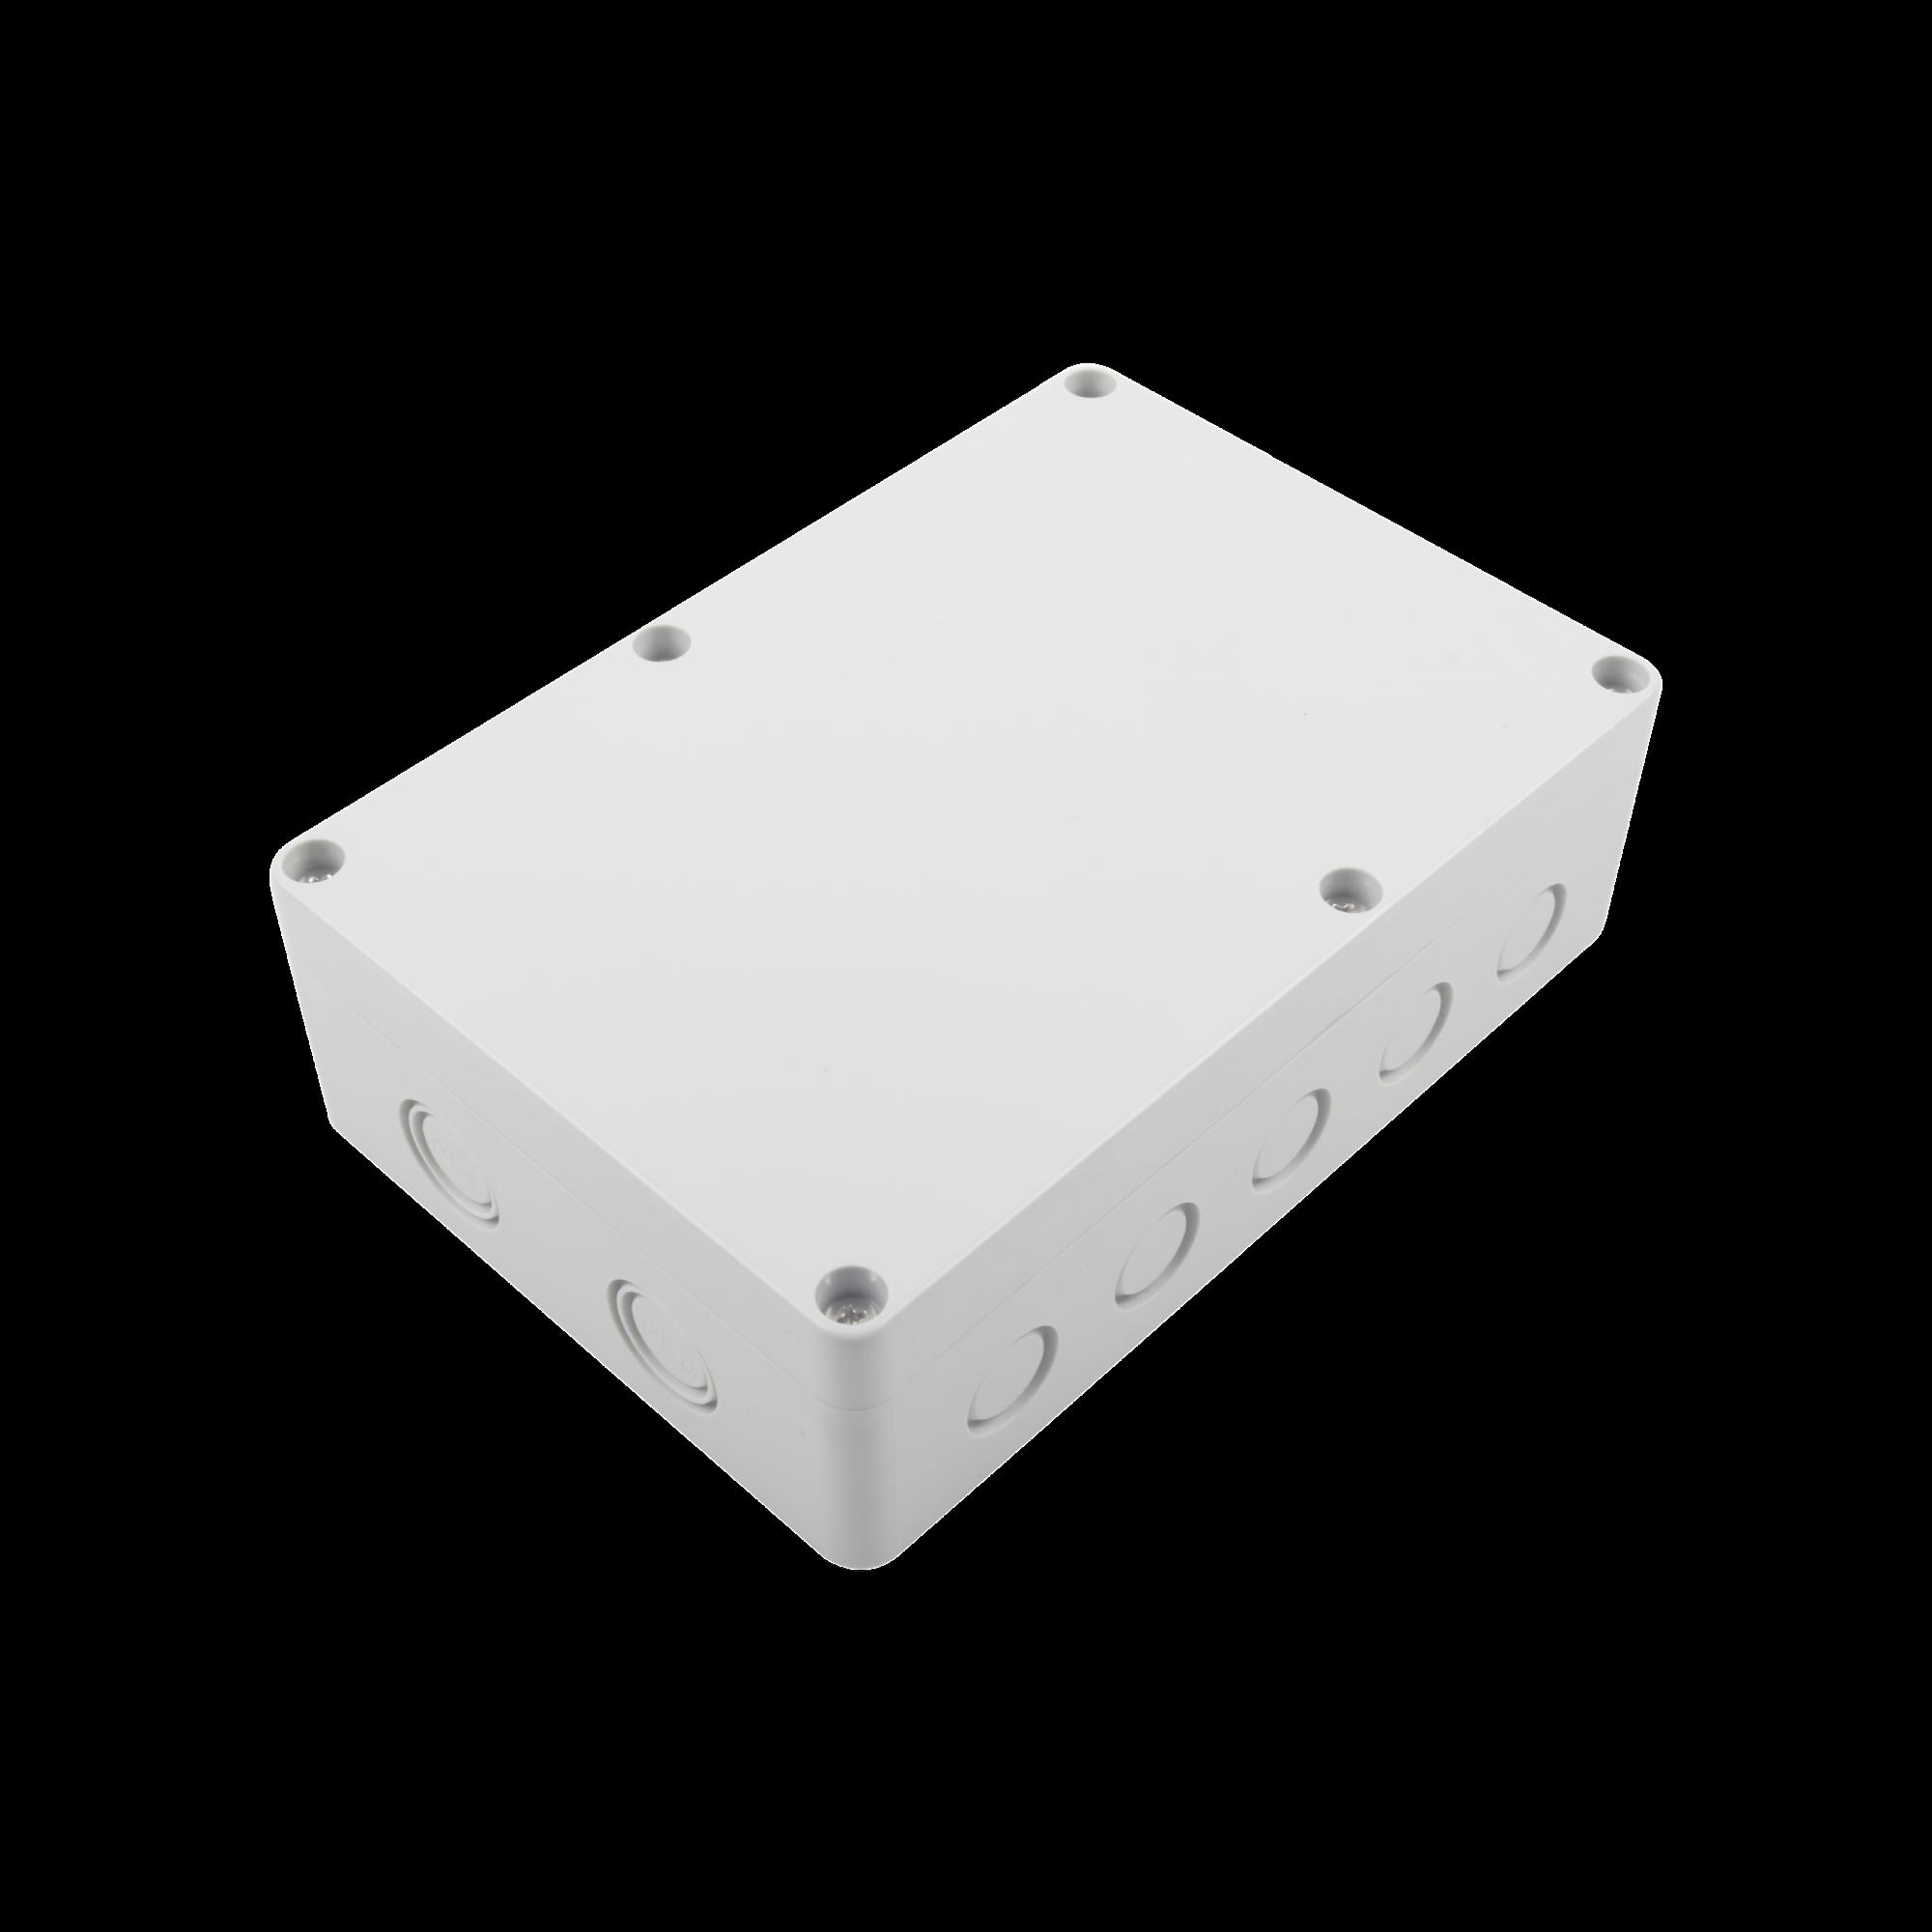 Gabinete Plástico para Exterior (IP65) de 180 x 125 x 57 mm Cierre por Tornillos.